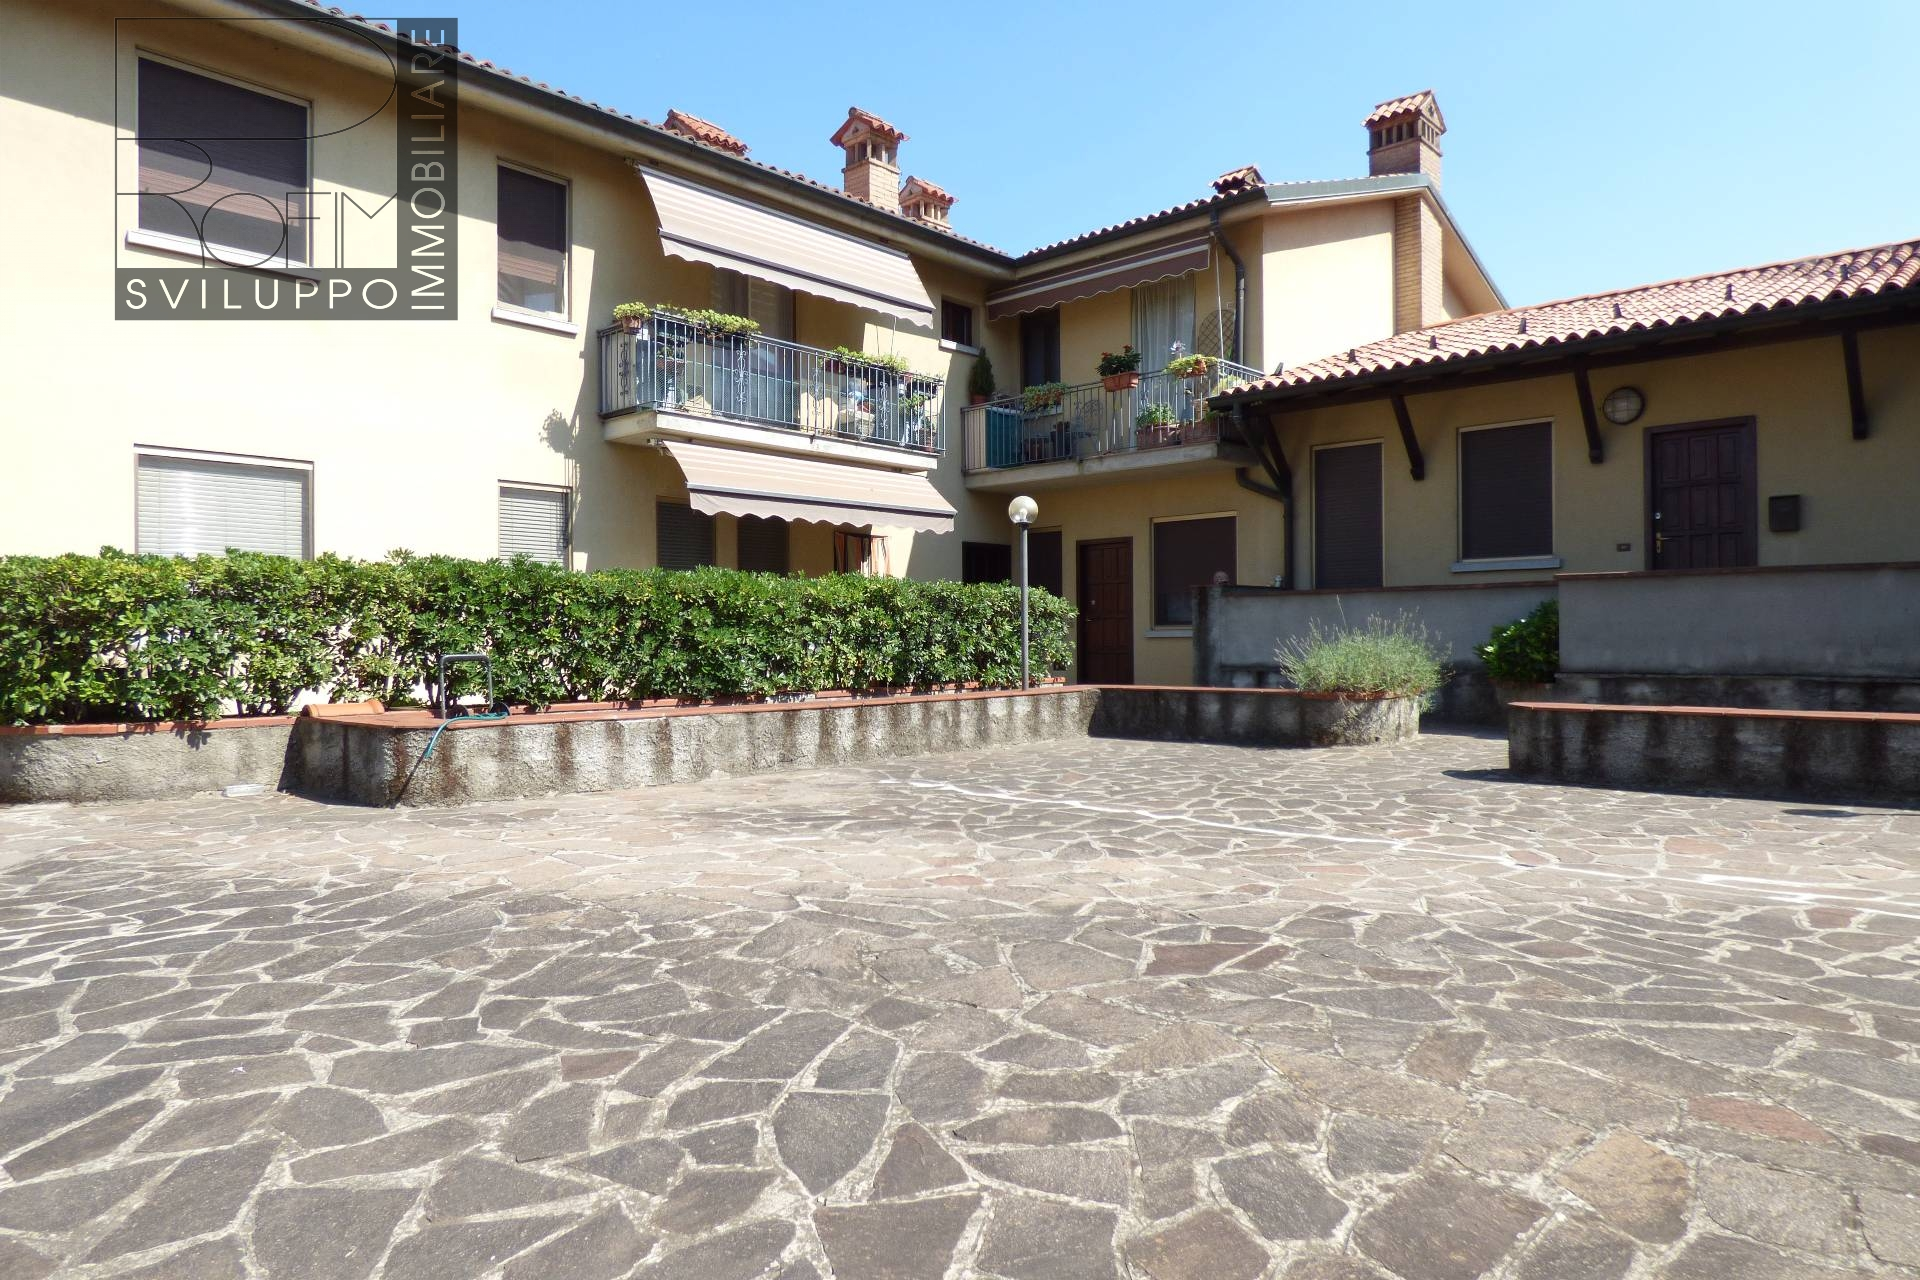 Appartamento in vendita a Dresano, 2 locali, prezzo € 110.000 | CambioCasa.it